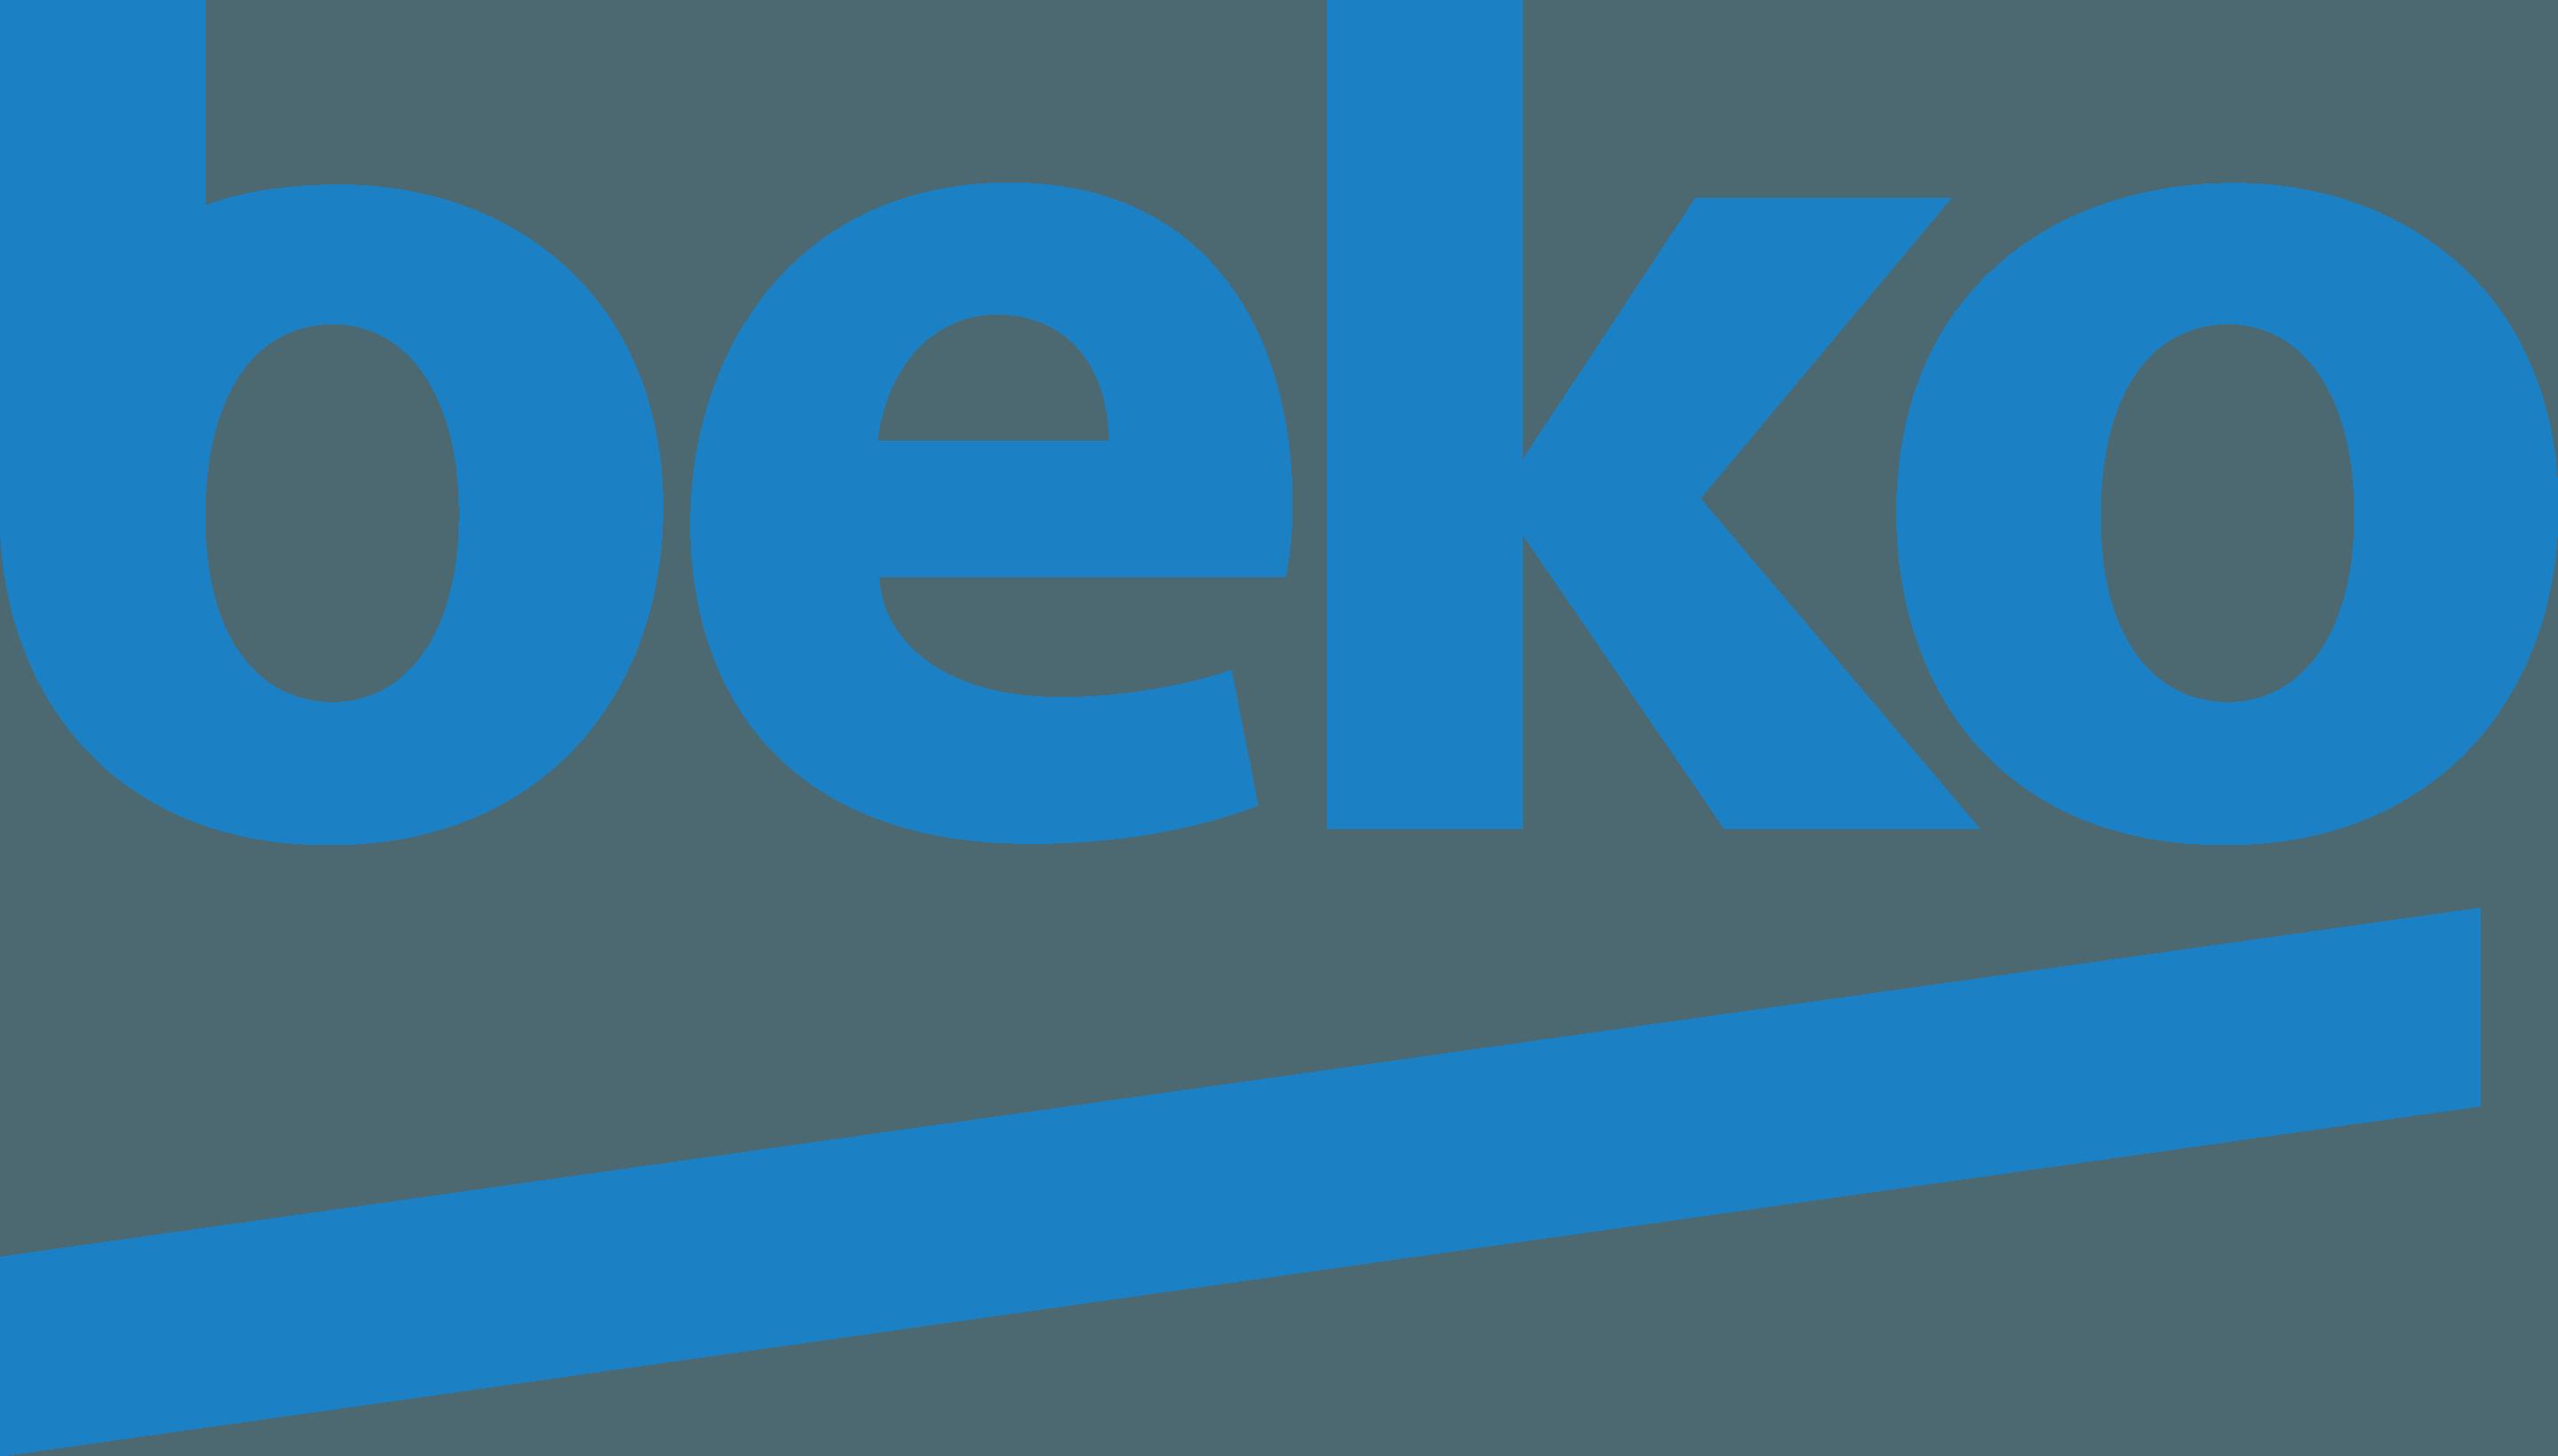 beko logo new